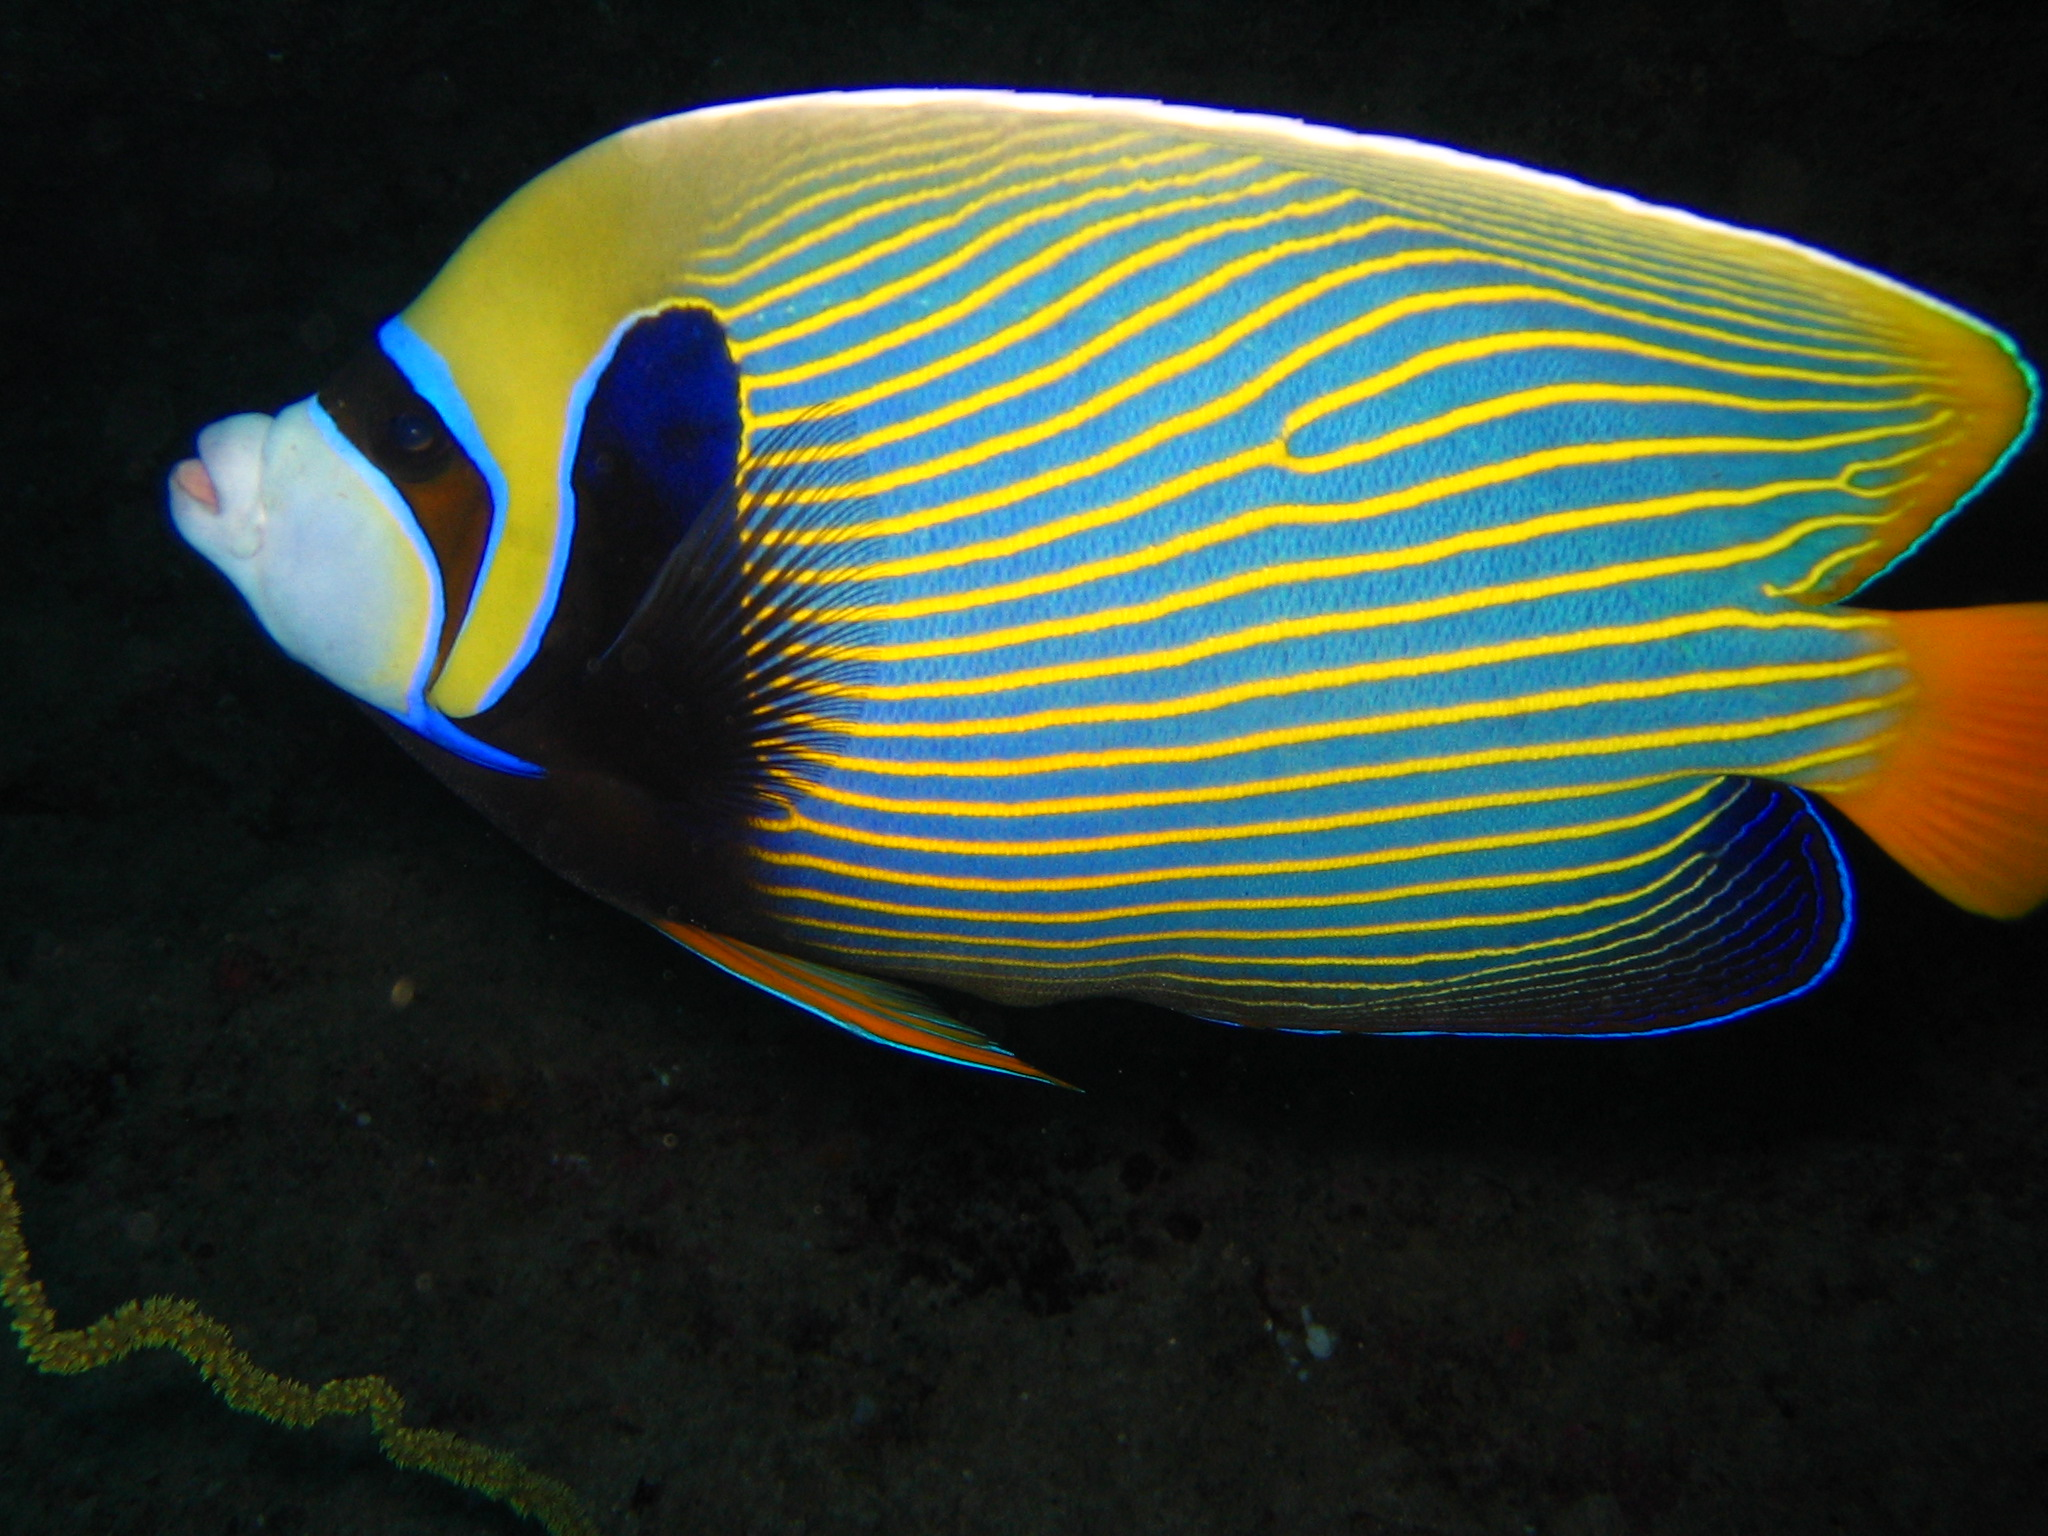 Emperor angelfish swims wallpaper